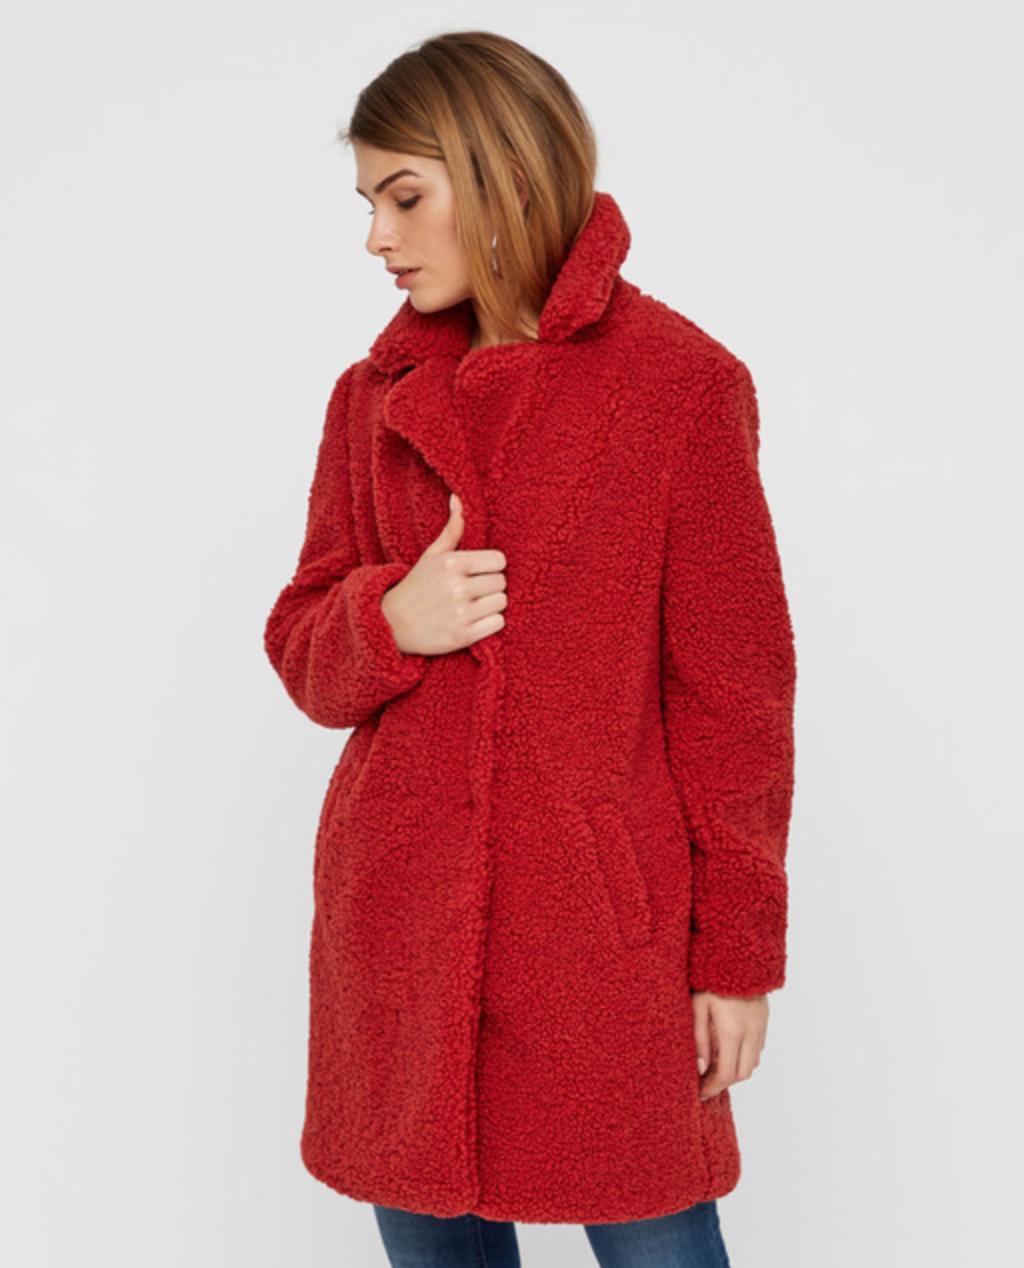 Abrigo de borreguito de mujer con dos bolsillos